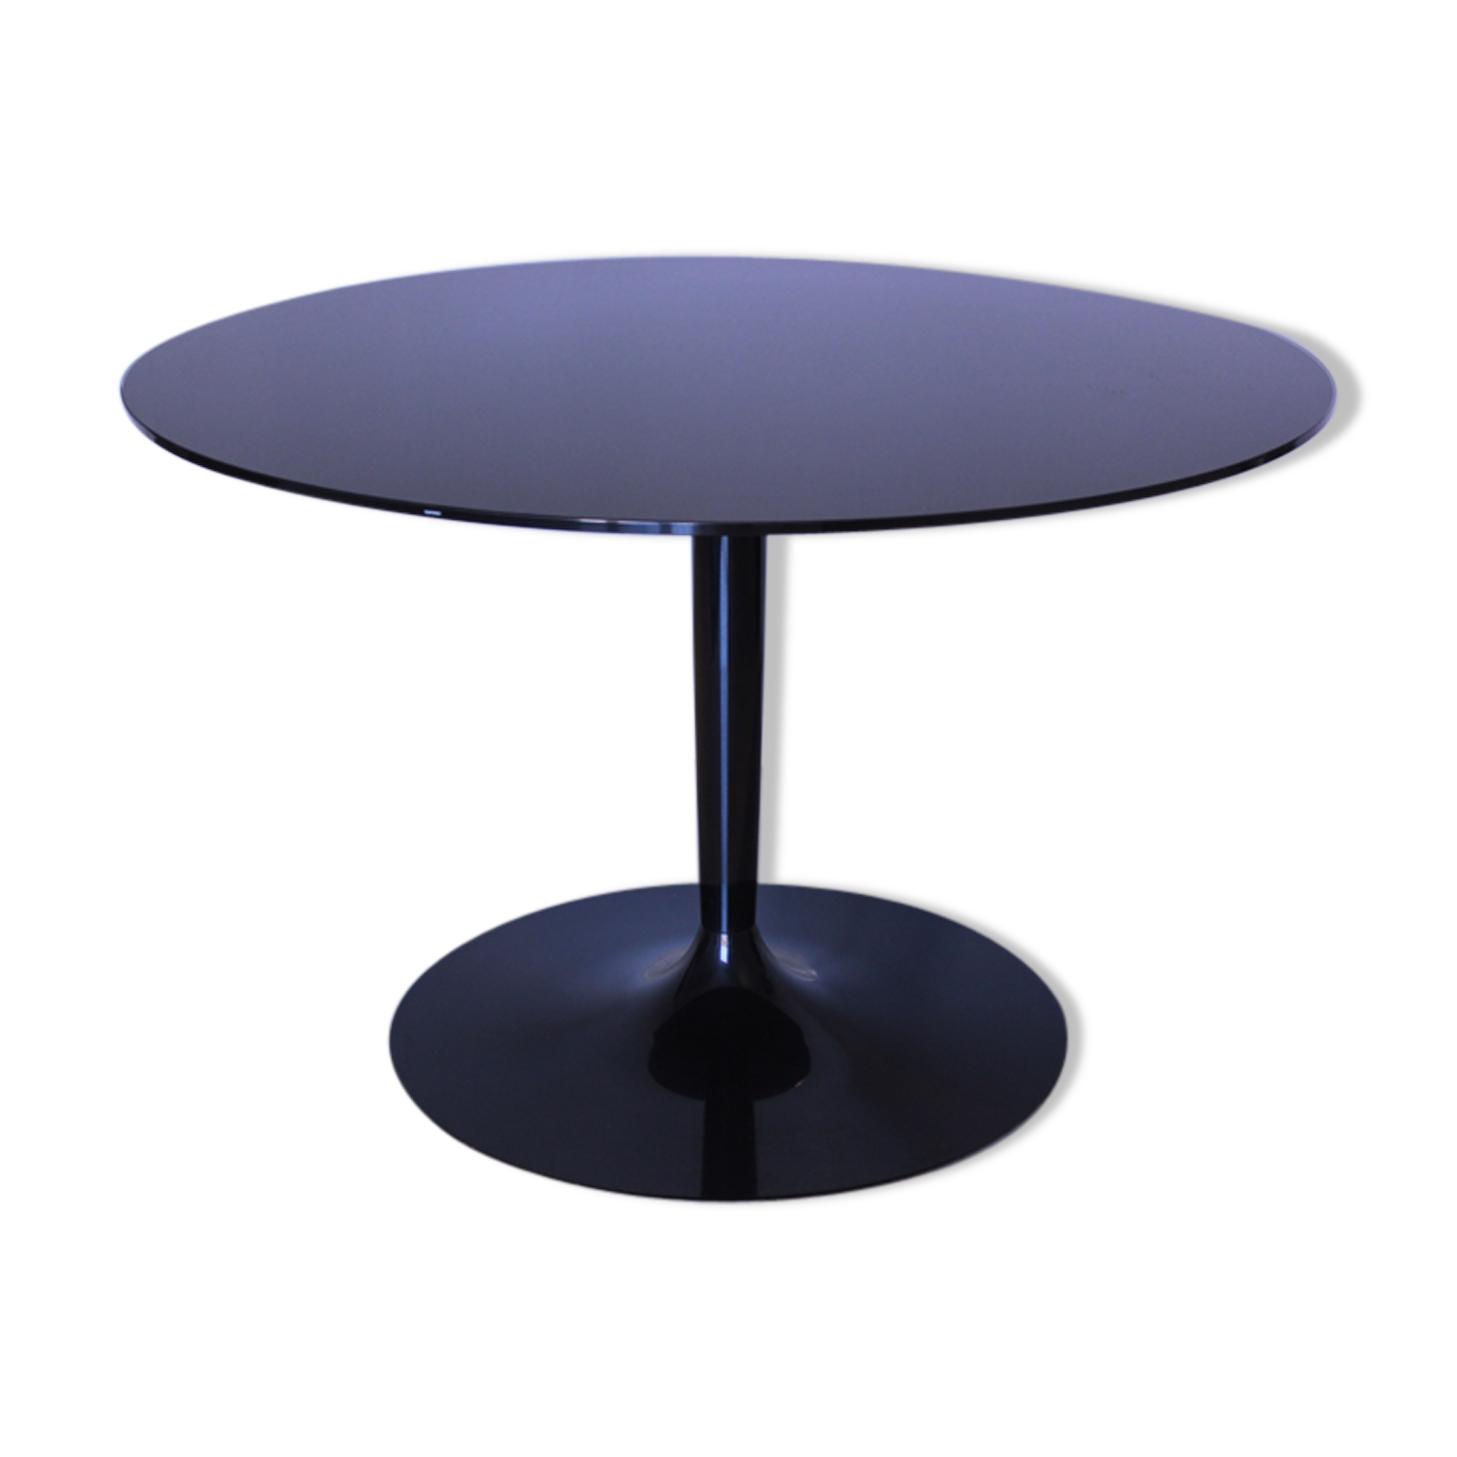 Table ronde en verre noir miroir, Italia1980s signé Calligaris